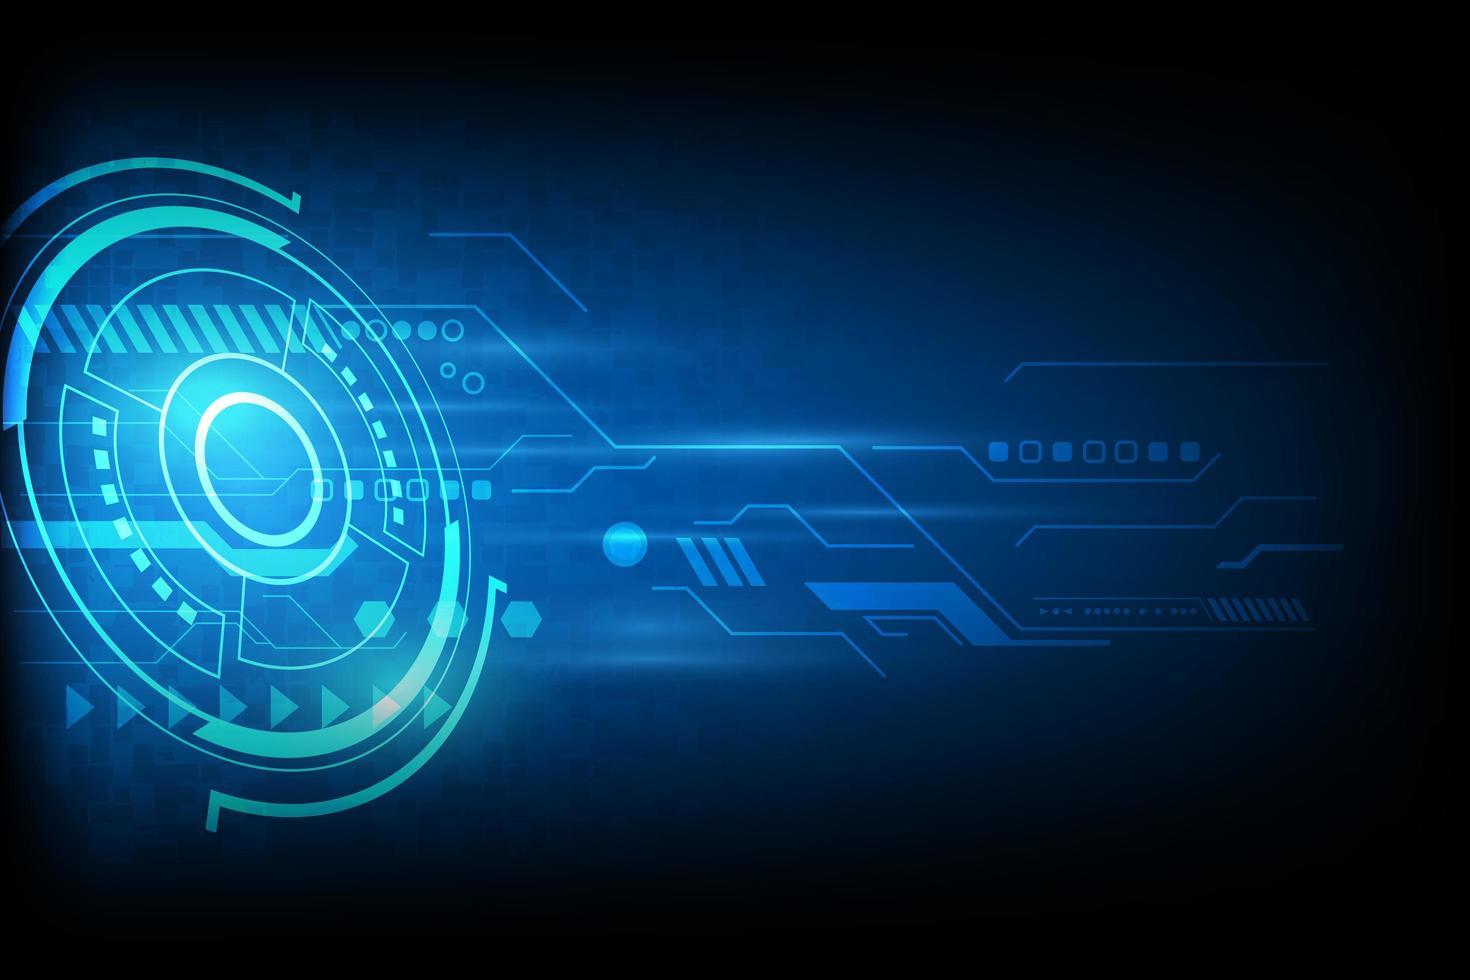 futuristisches Design der blauen Automatisierungstechnologie vektor